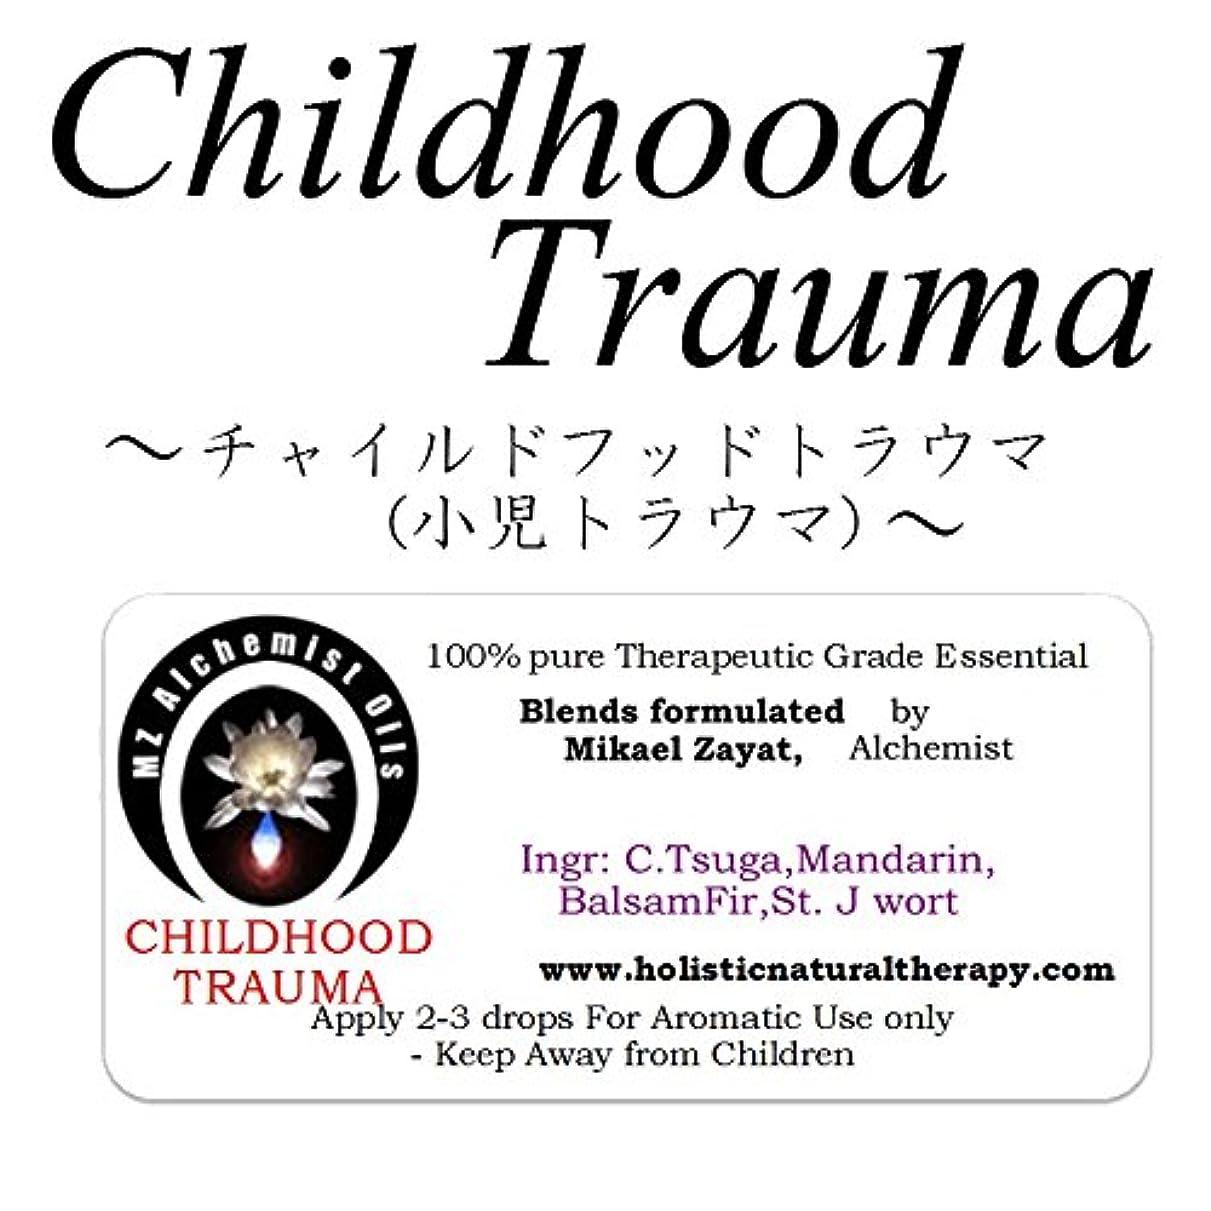 非公式マーク麺ミカエルザヤットアルケミストオイル セラピストグレードアロマオイル Childhood Trauma-チャイルドフット?トラウマ(小児トラウマ)- 4ml